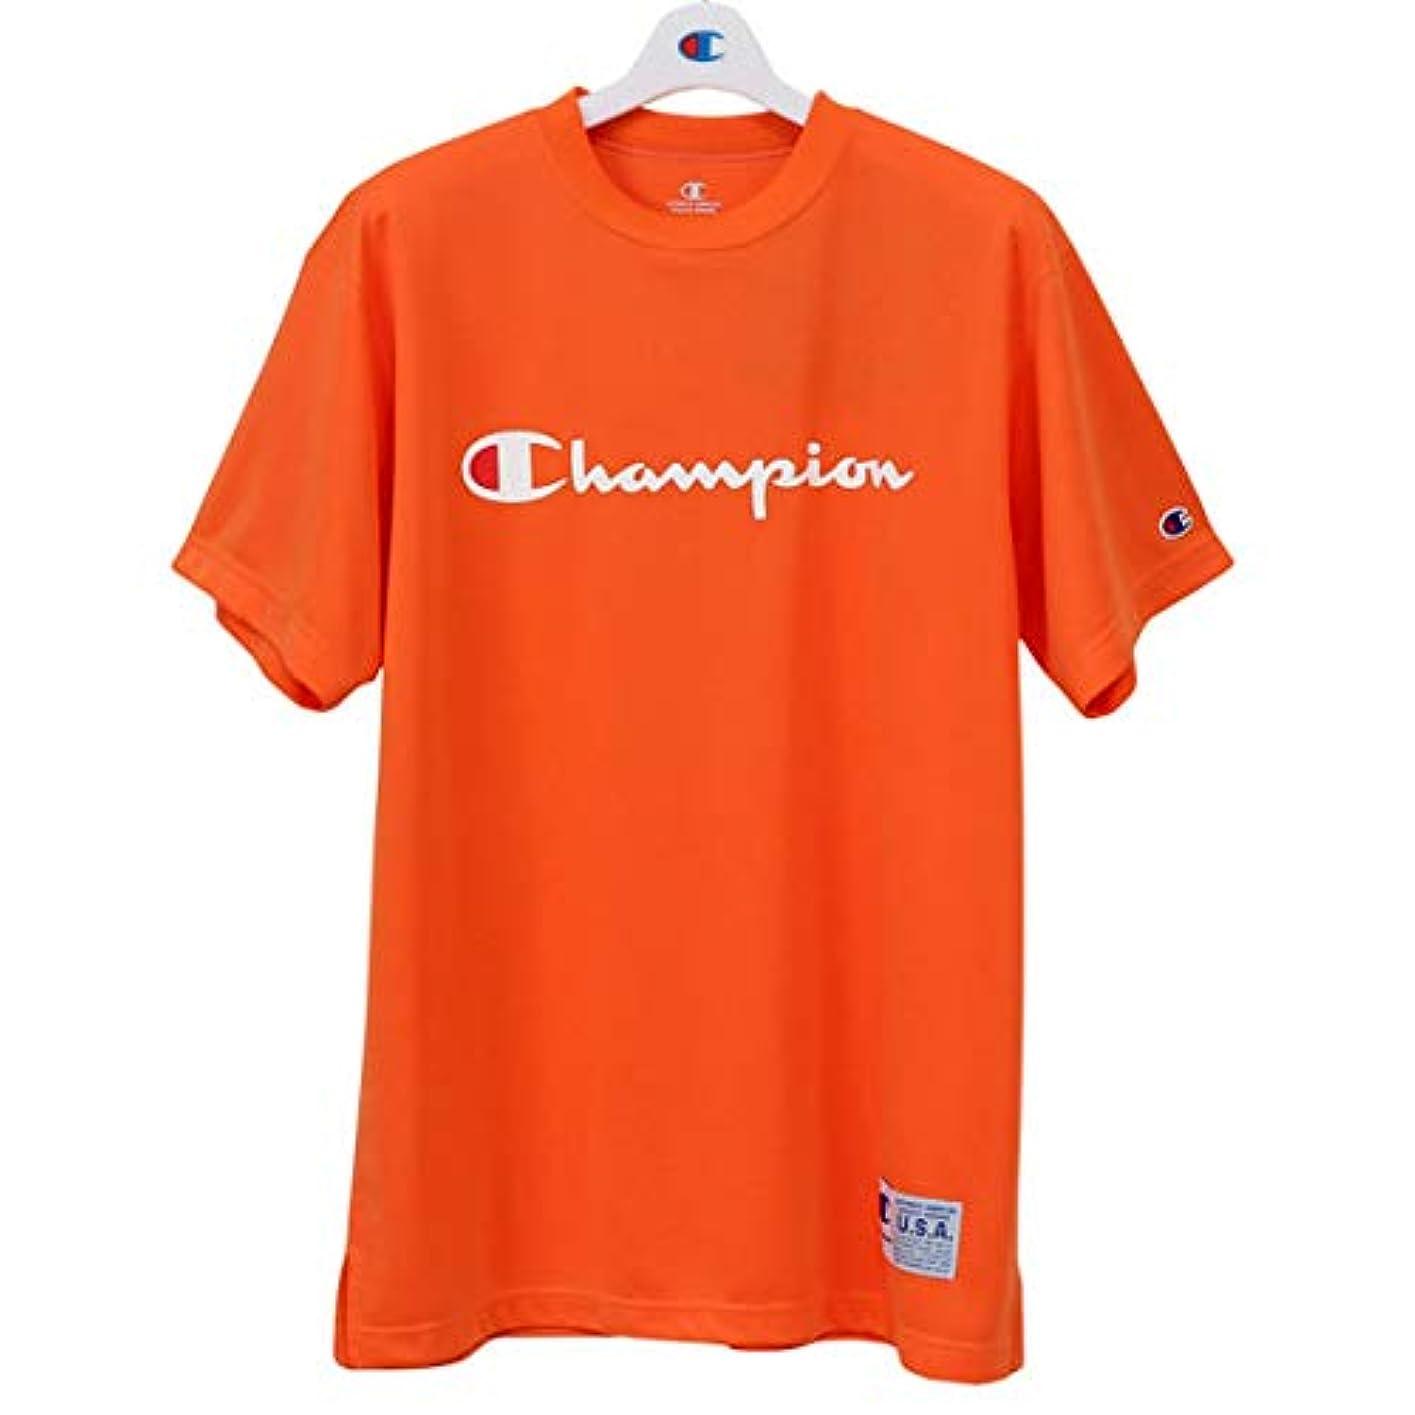 共役モチーフ広々とした[チャンピオン] ドライセーバー ティーシャツ C3-MB353 バスケットボールウェア 19SS DRYSAVER T-SHIRTS メンズ